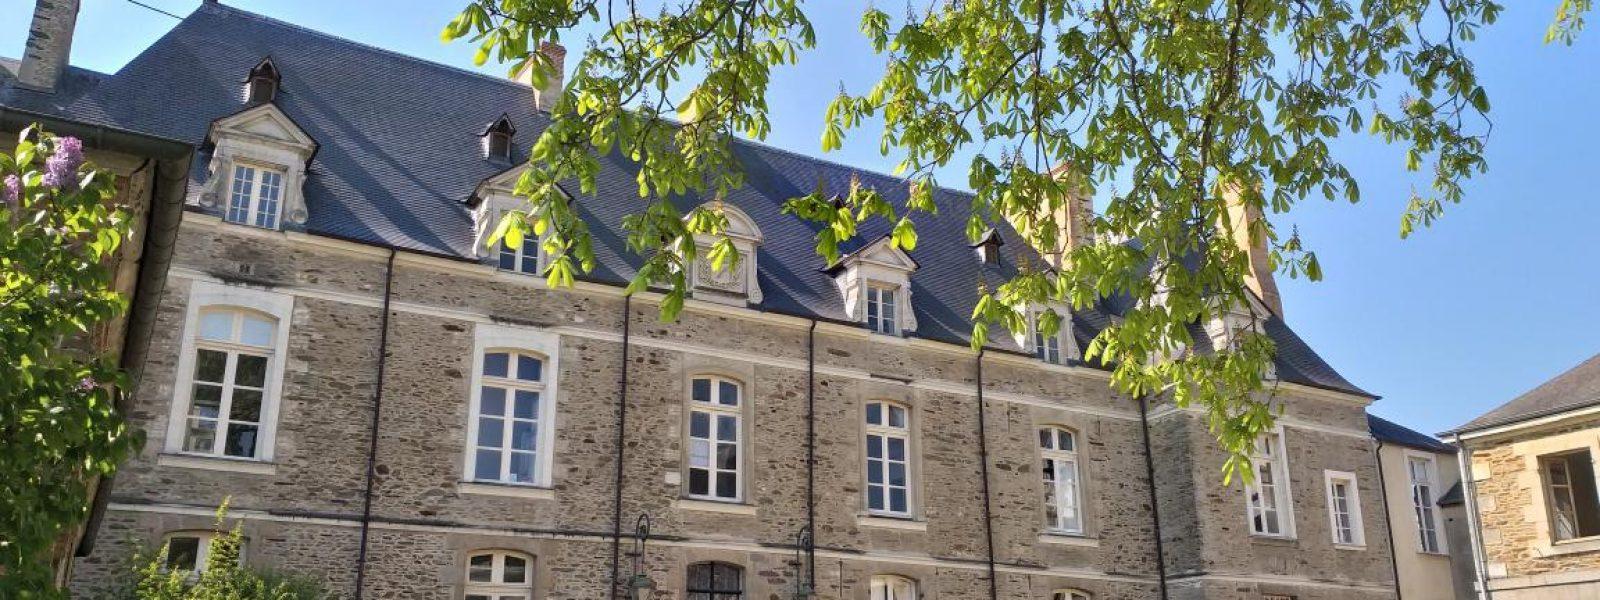 Façade de l'eclozr, un nouveau lieu au cœur de Rennes dédié à l'innovation